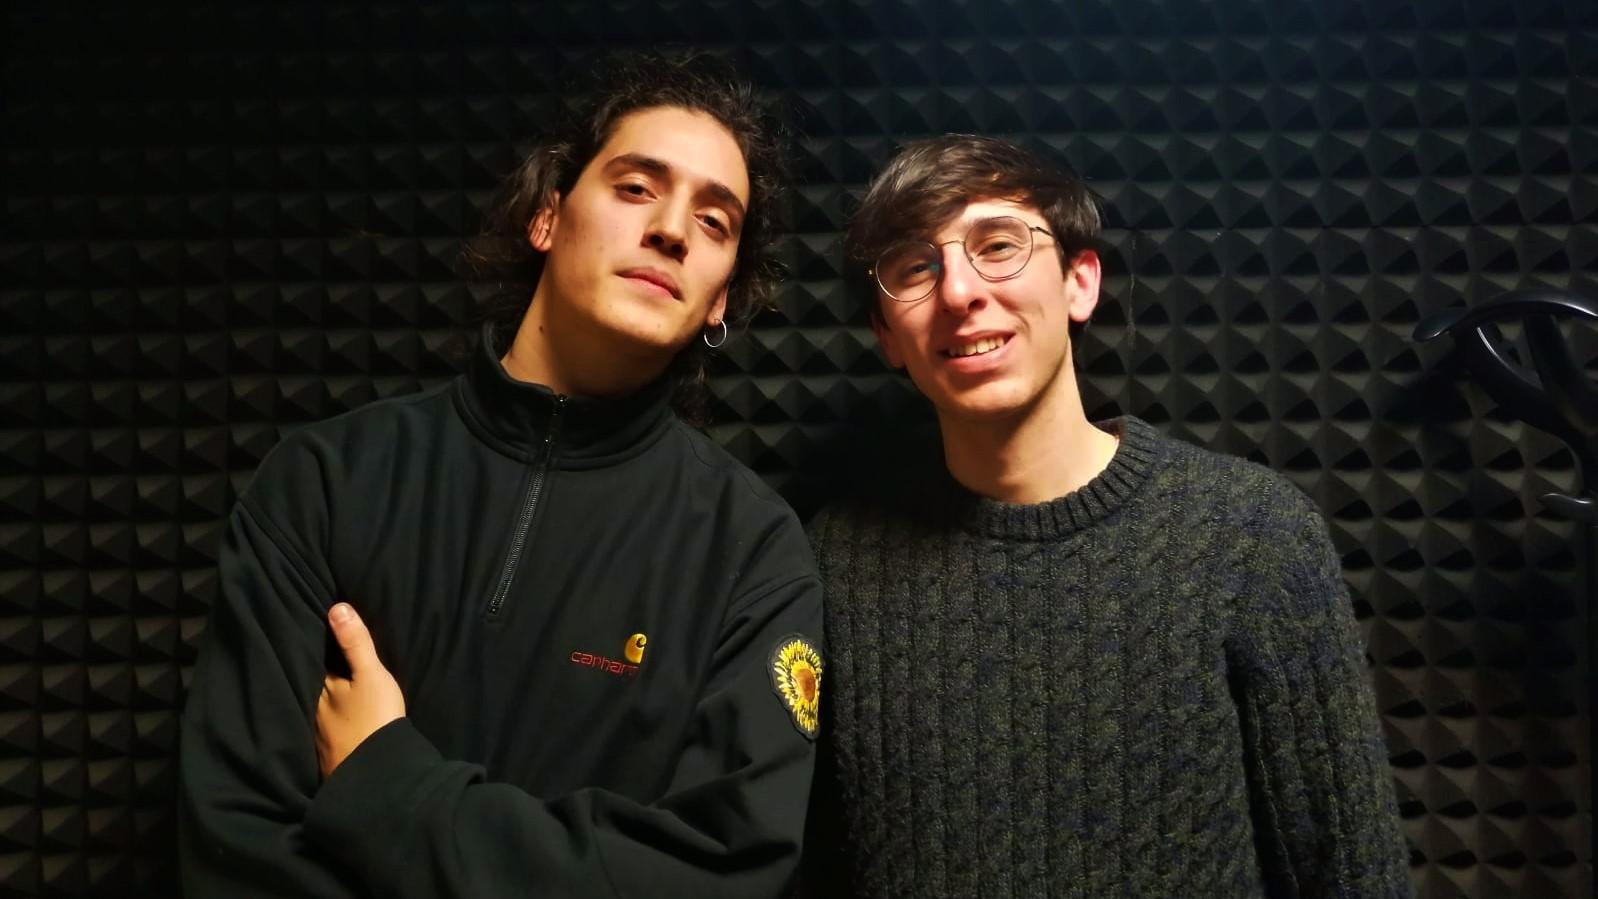 Luca e Giacomo pronti per Sunflowers